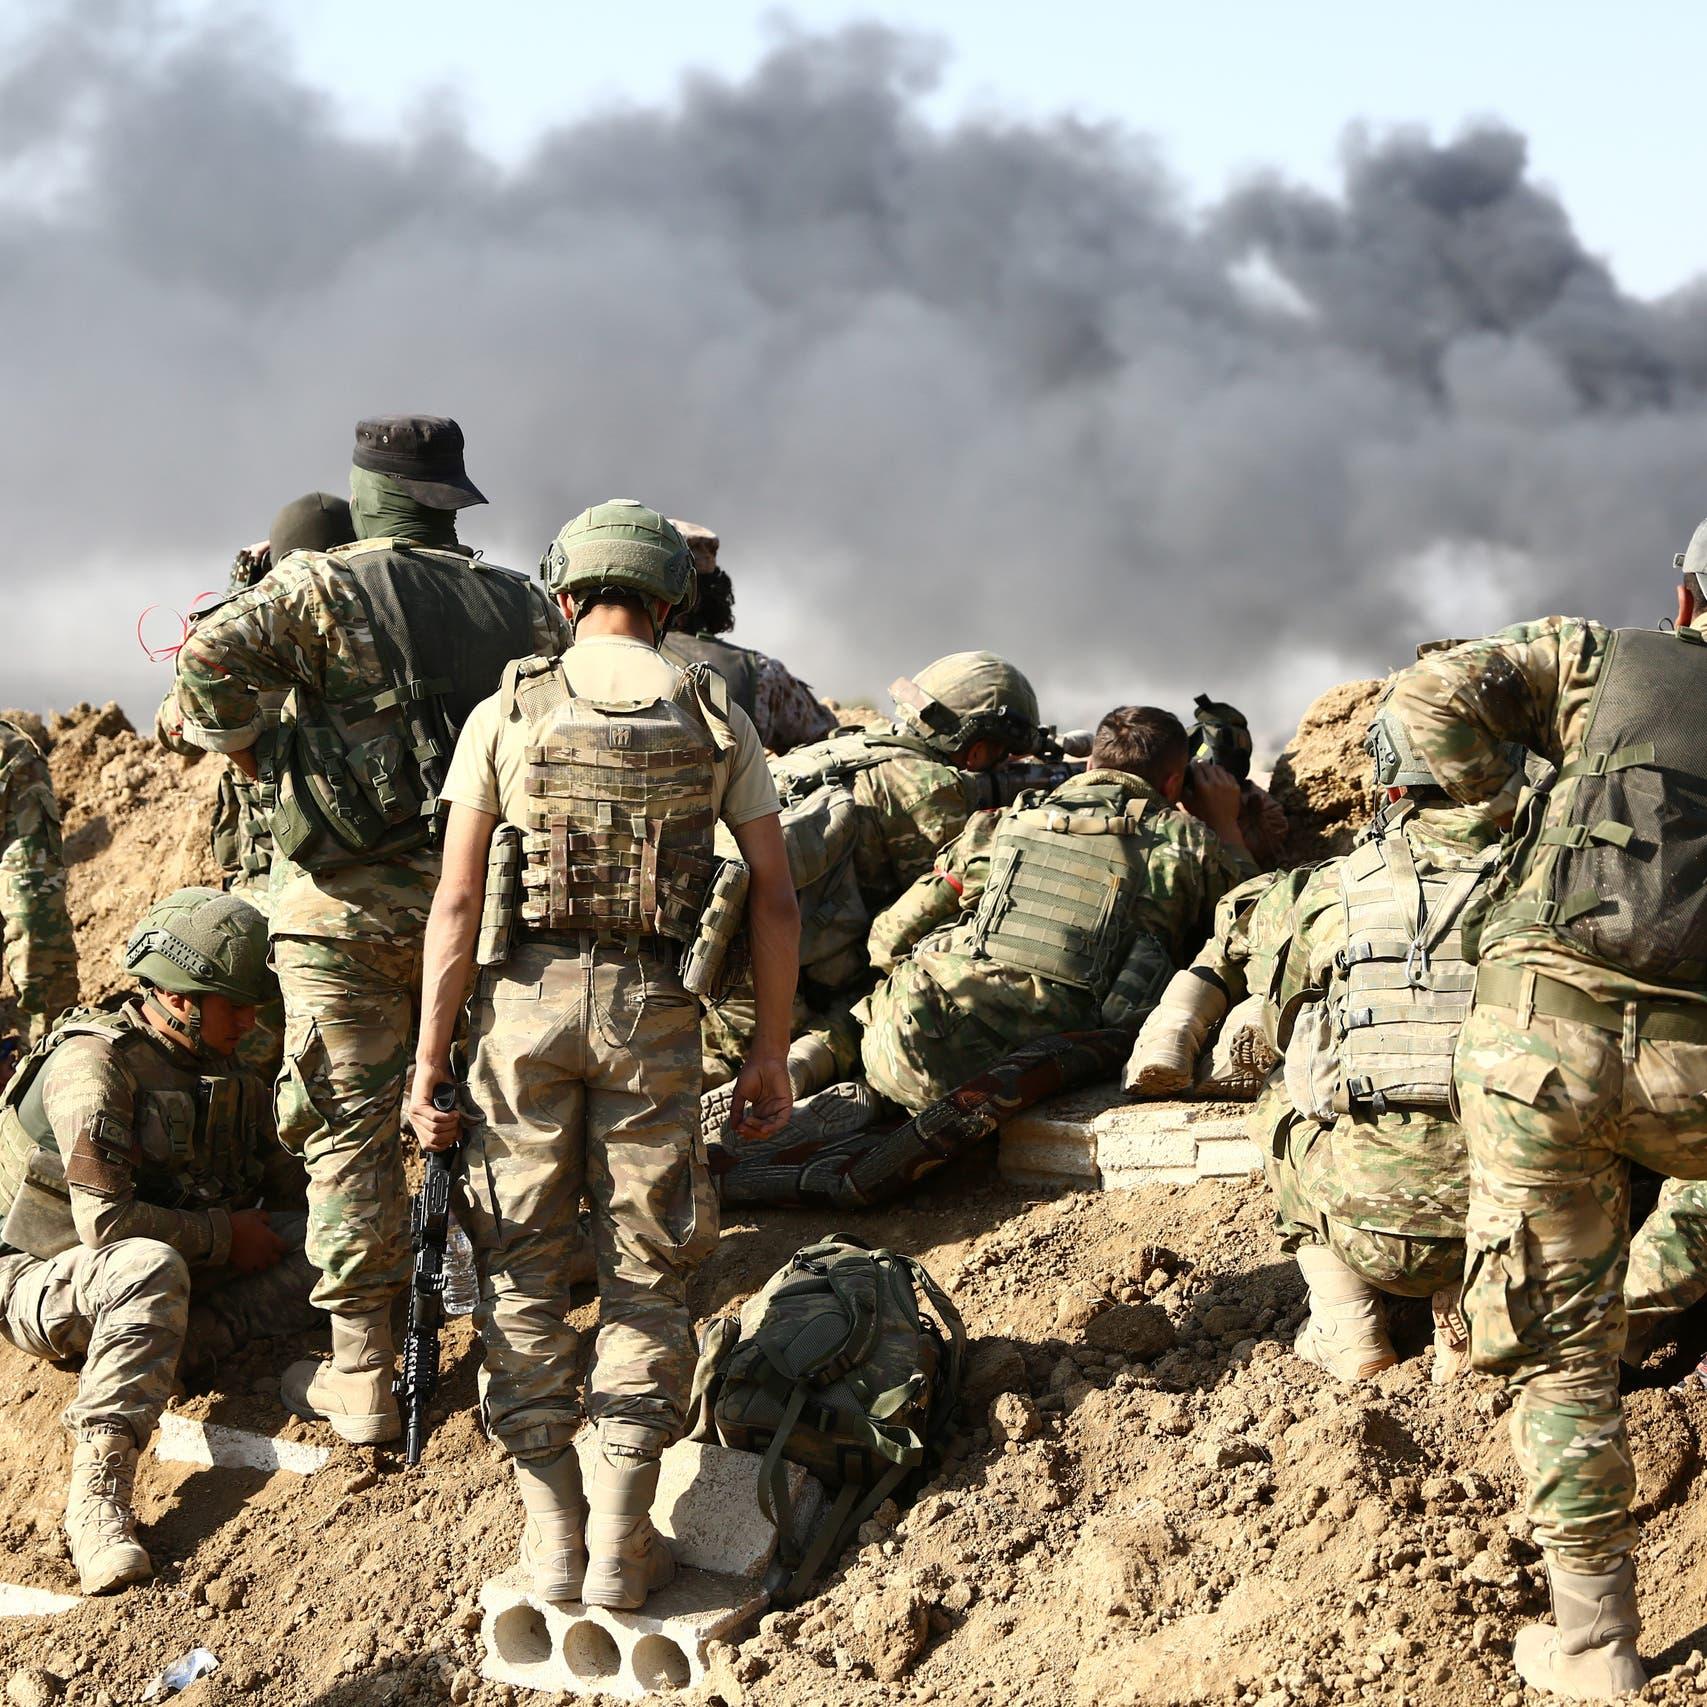 بعد إعلان بدء معركة منبج.. قوات النظام تدخل المدينة